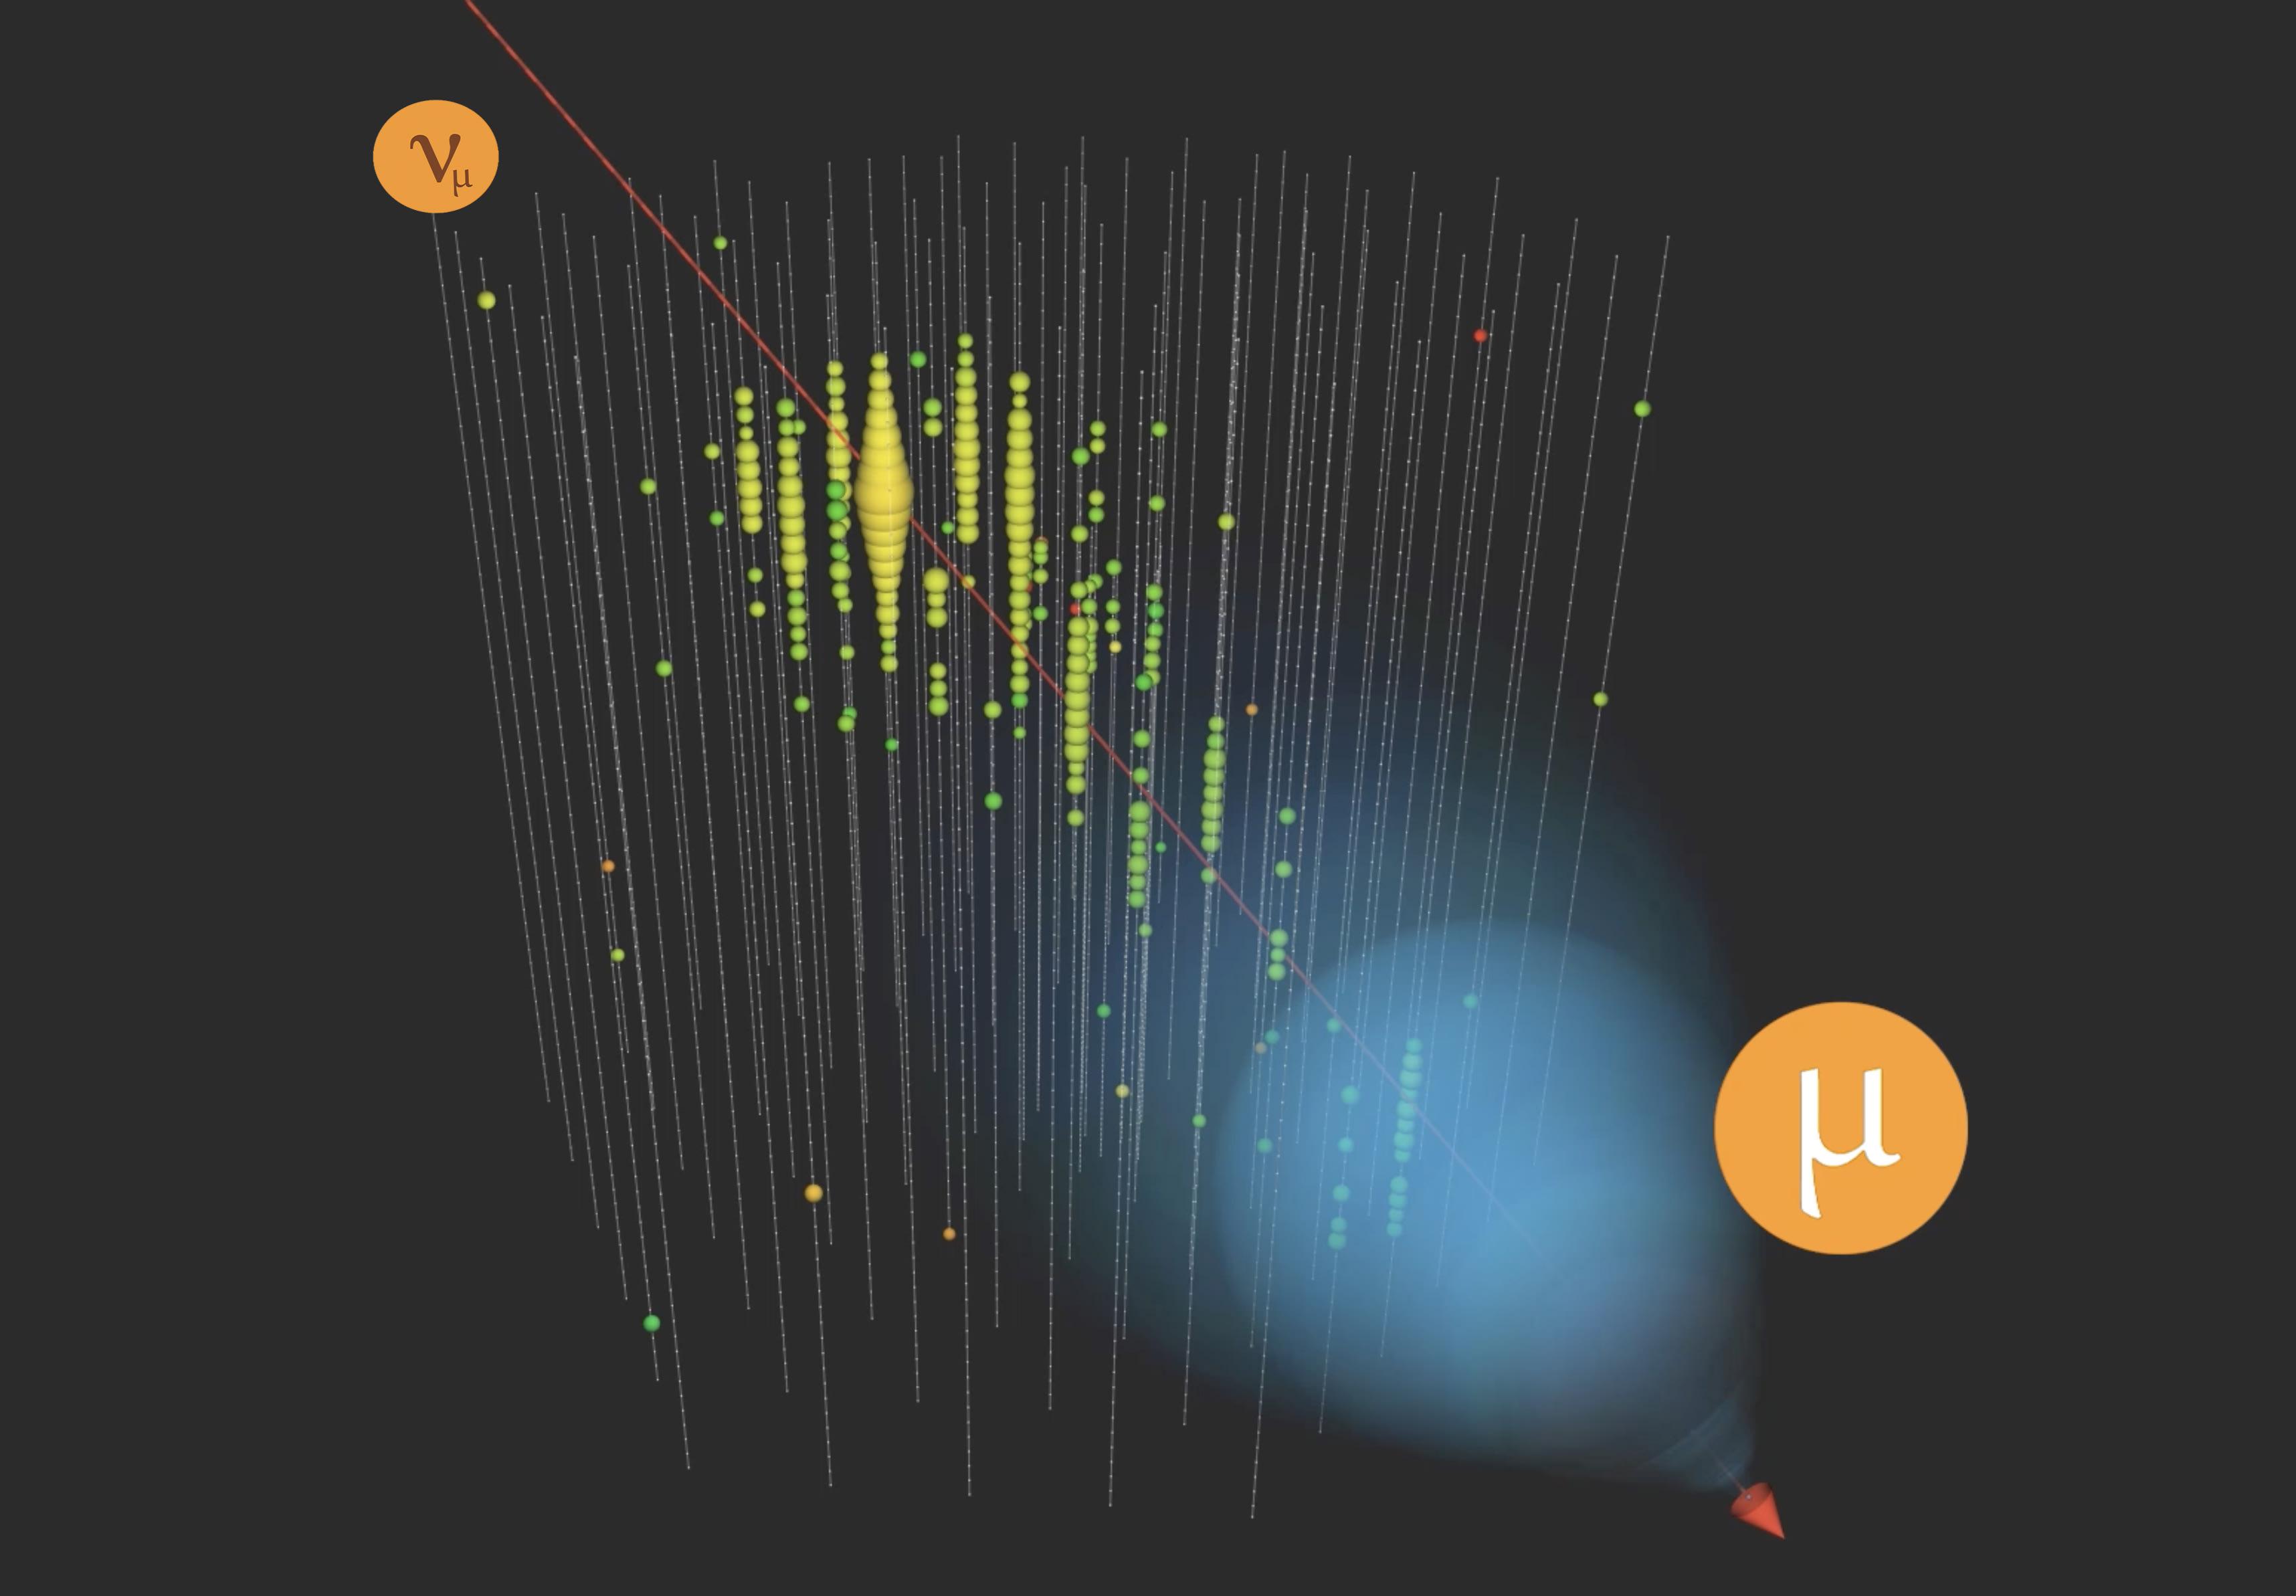 A muon neutrino interacts in IceCube